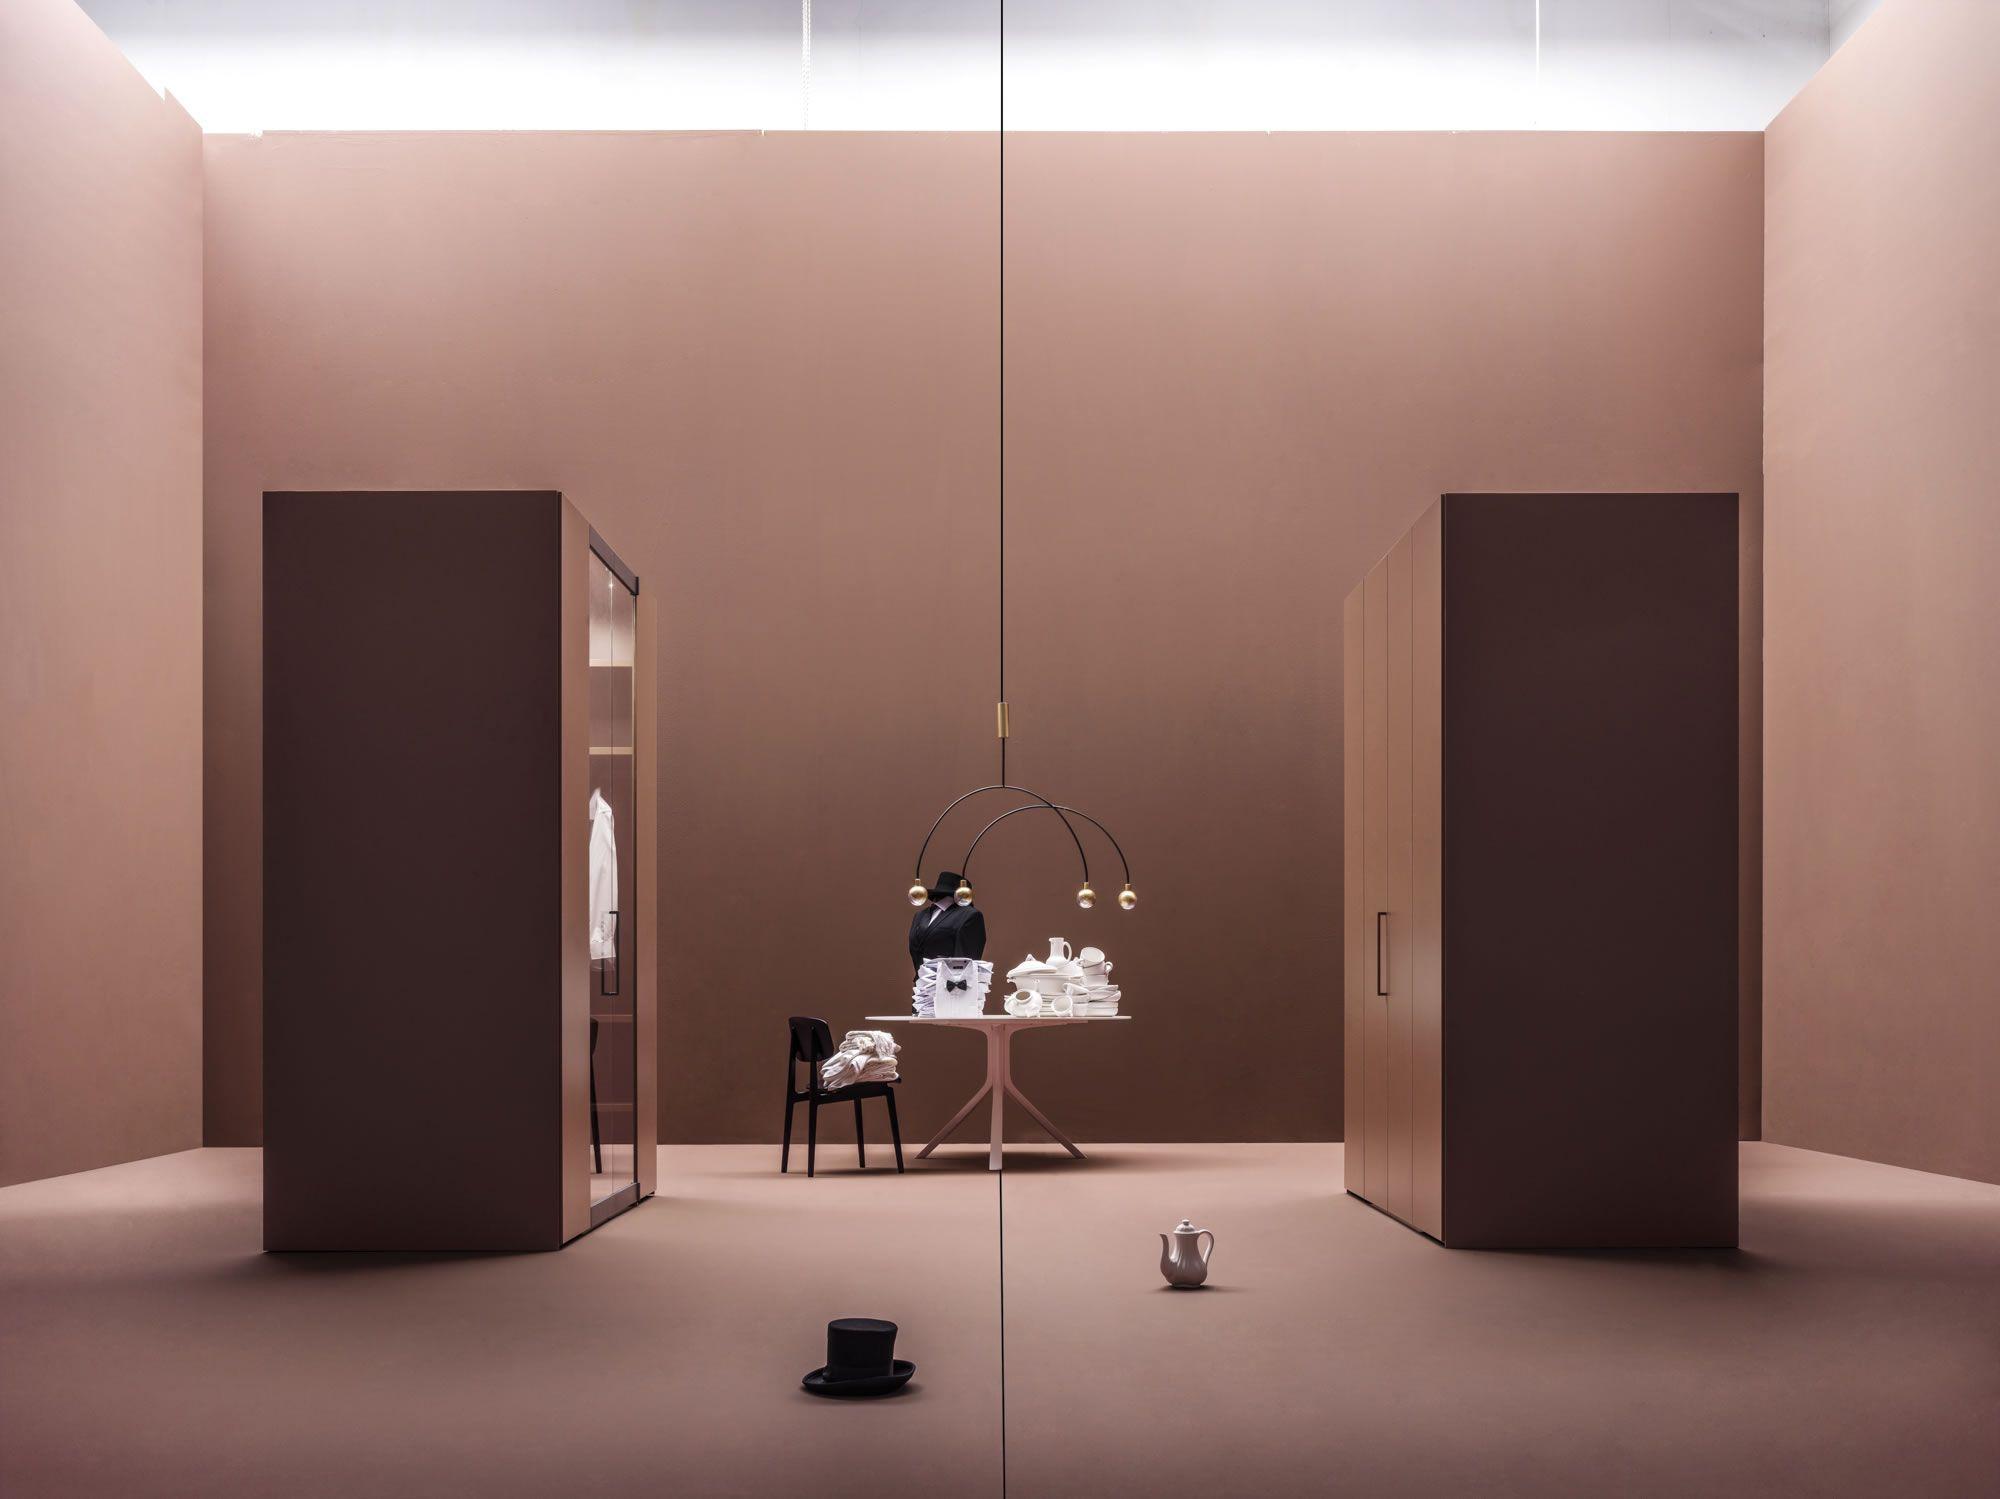 Nuove Tendenze Arredamento 2018 interior design made in caccaro